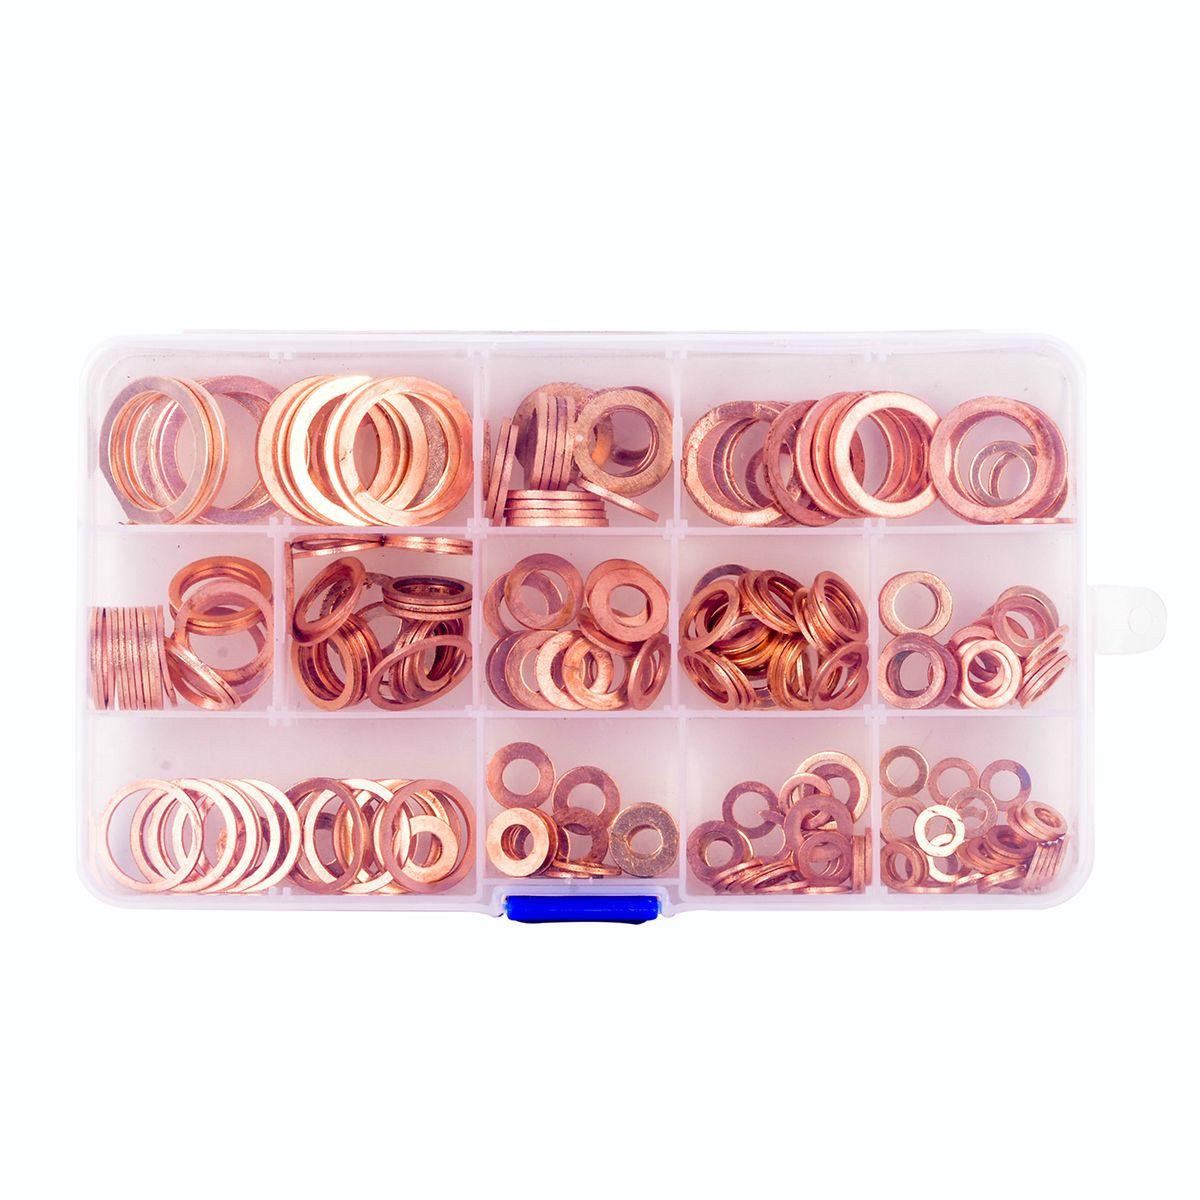 280 stücke 12 Größen Massivem Kupfer Dichtung Unterlegscheiben Dichtring Sortiment Set mit Kunststoff CaseM5-M20 Für Hydraulische Armaturen